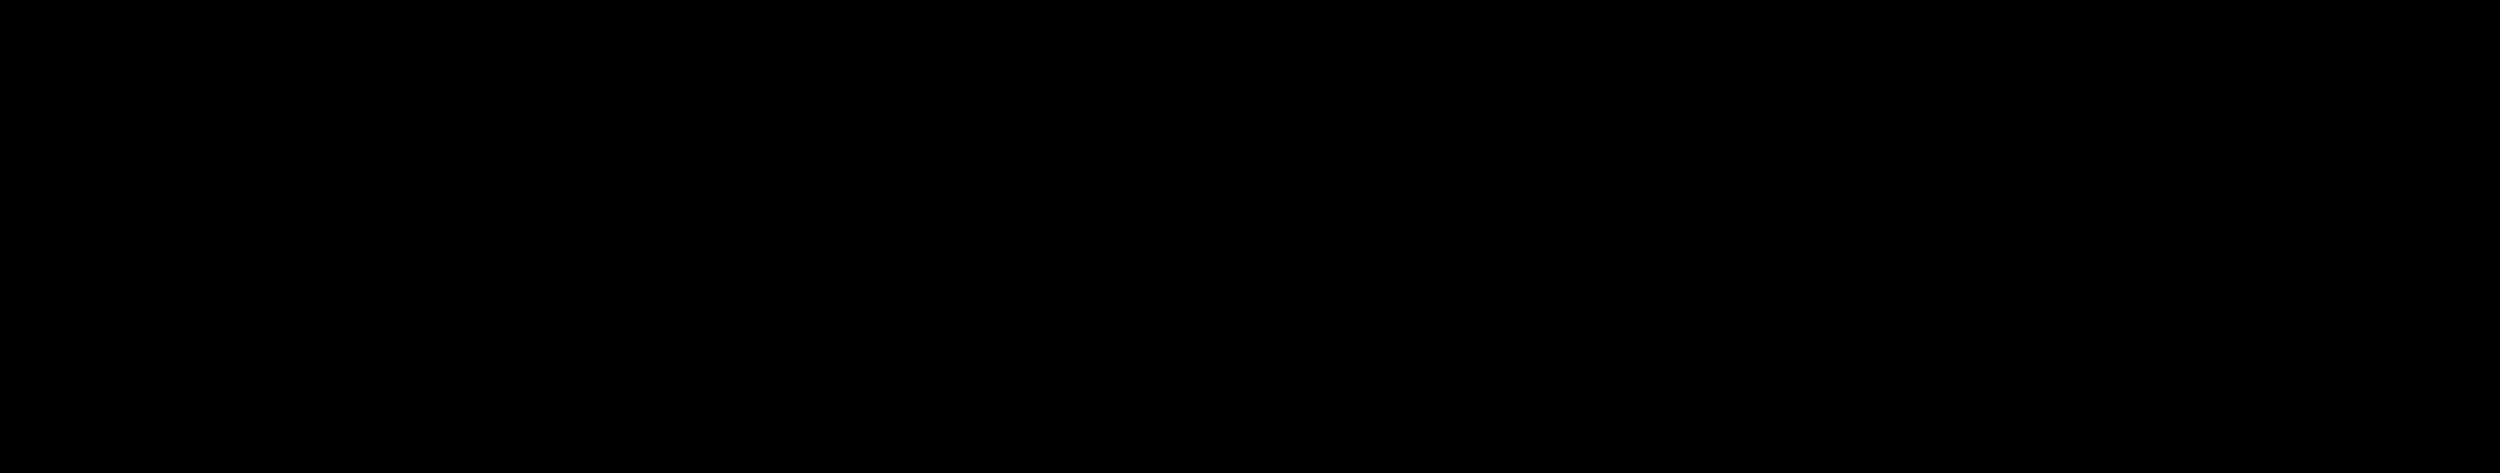 Avanti Main Logo.png